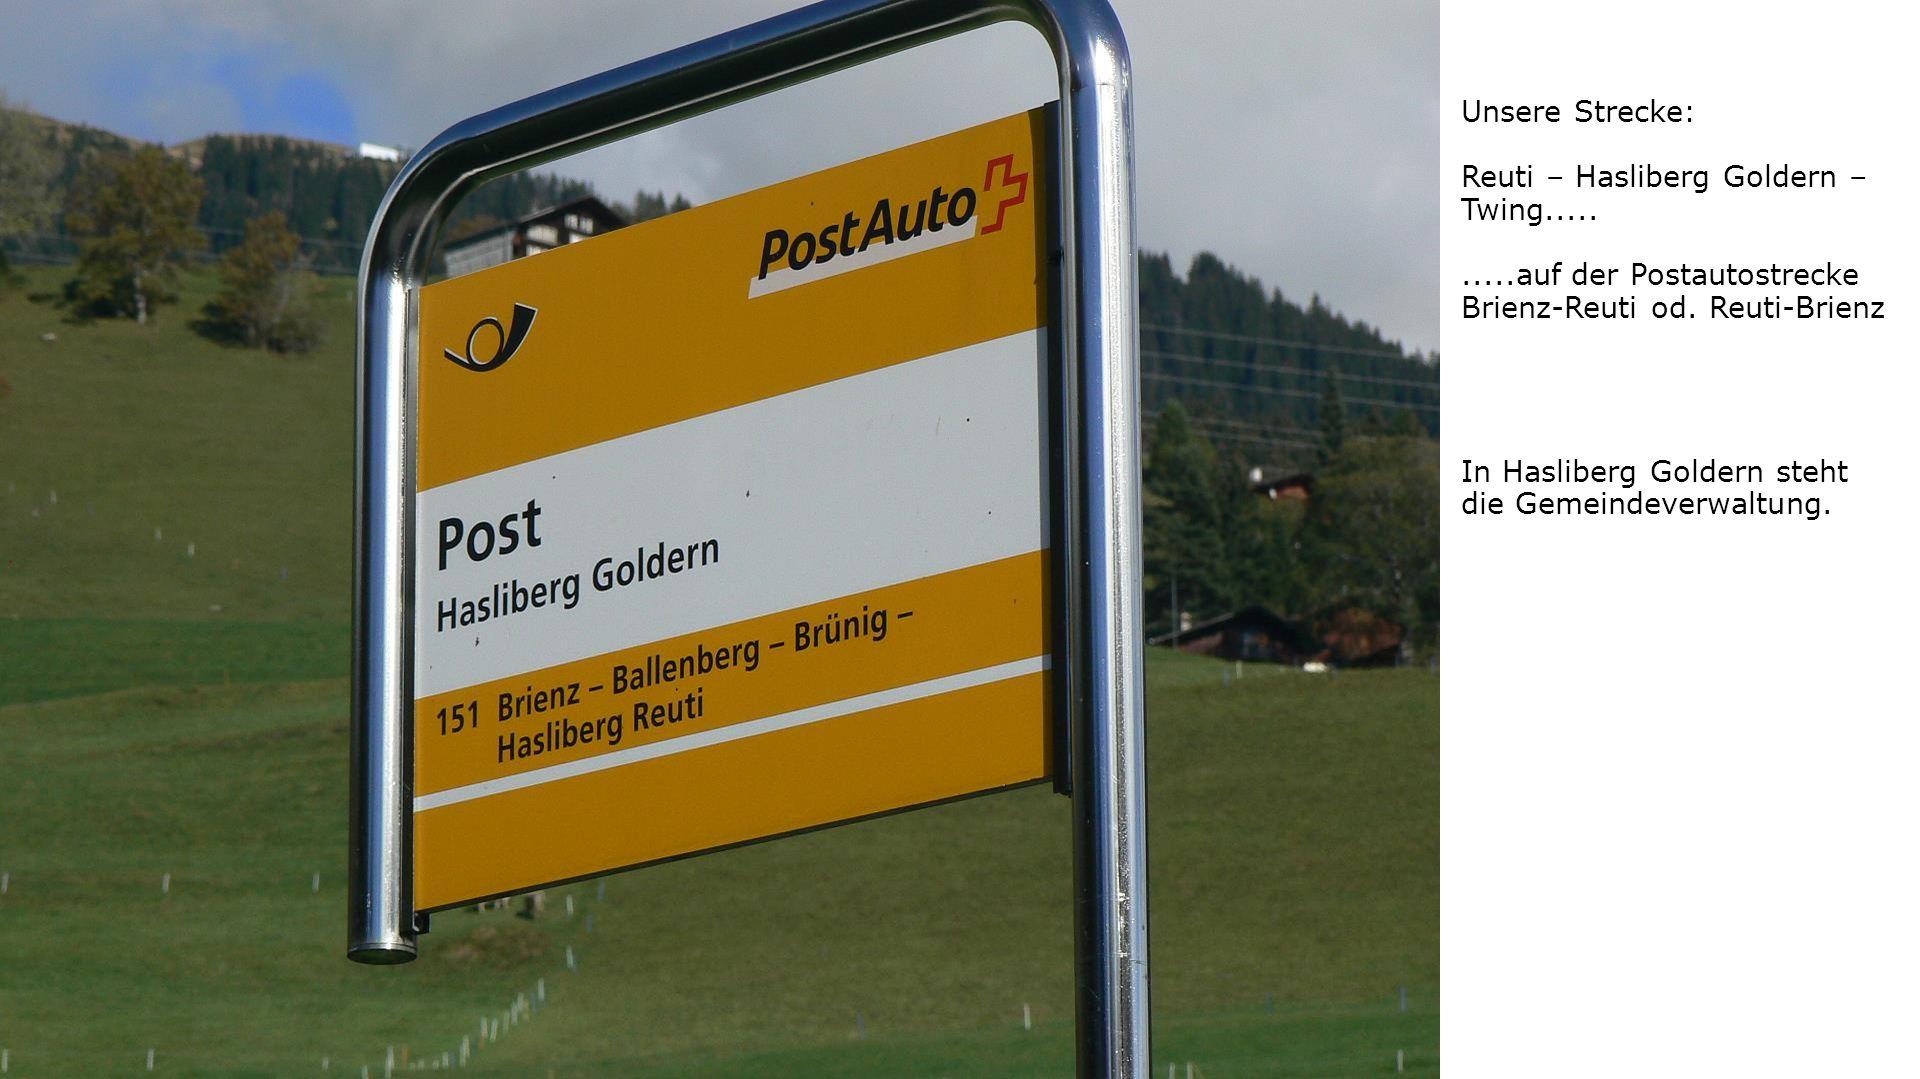 Unsere Strecke: Reuti – Hasliberg Goldern – Twing..........auf der Postautostrecke Brienz-Reuti od.